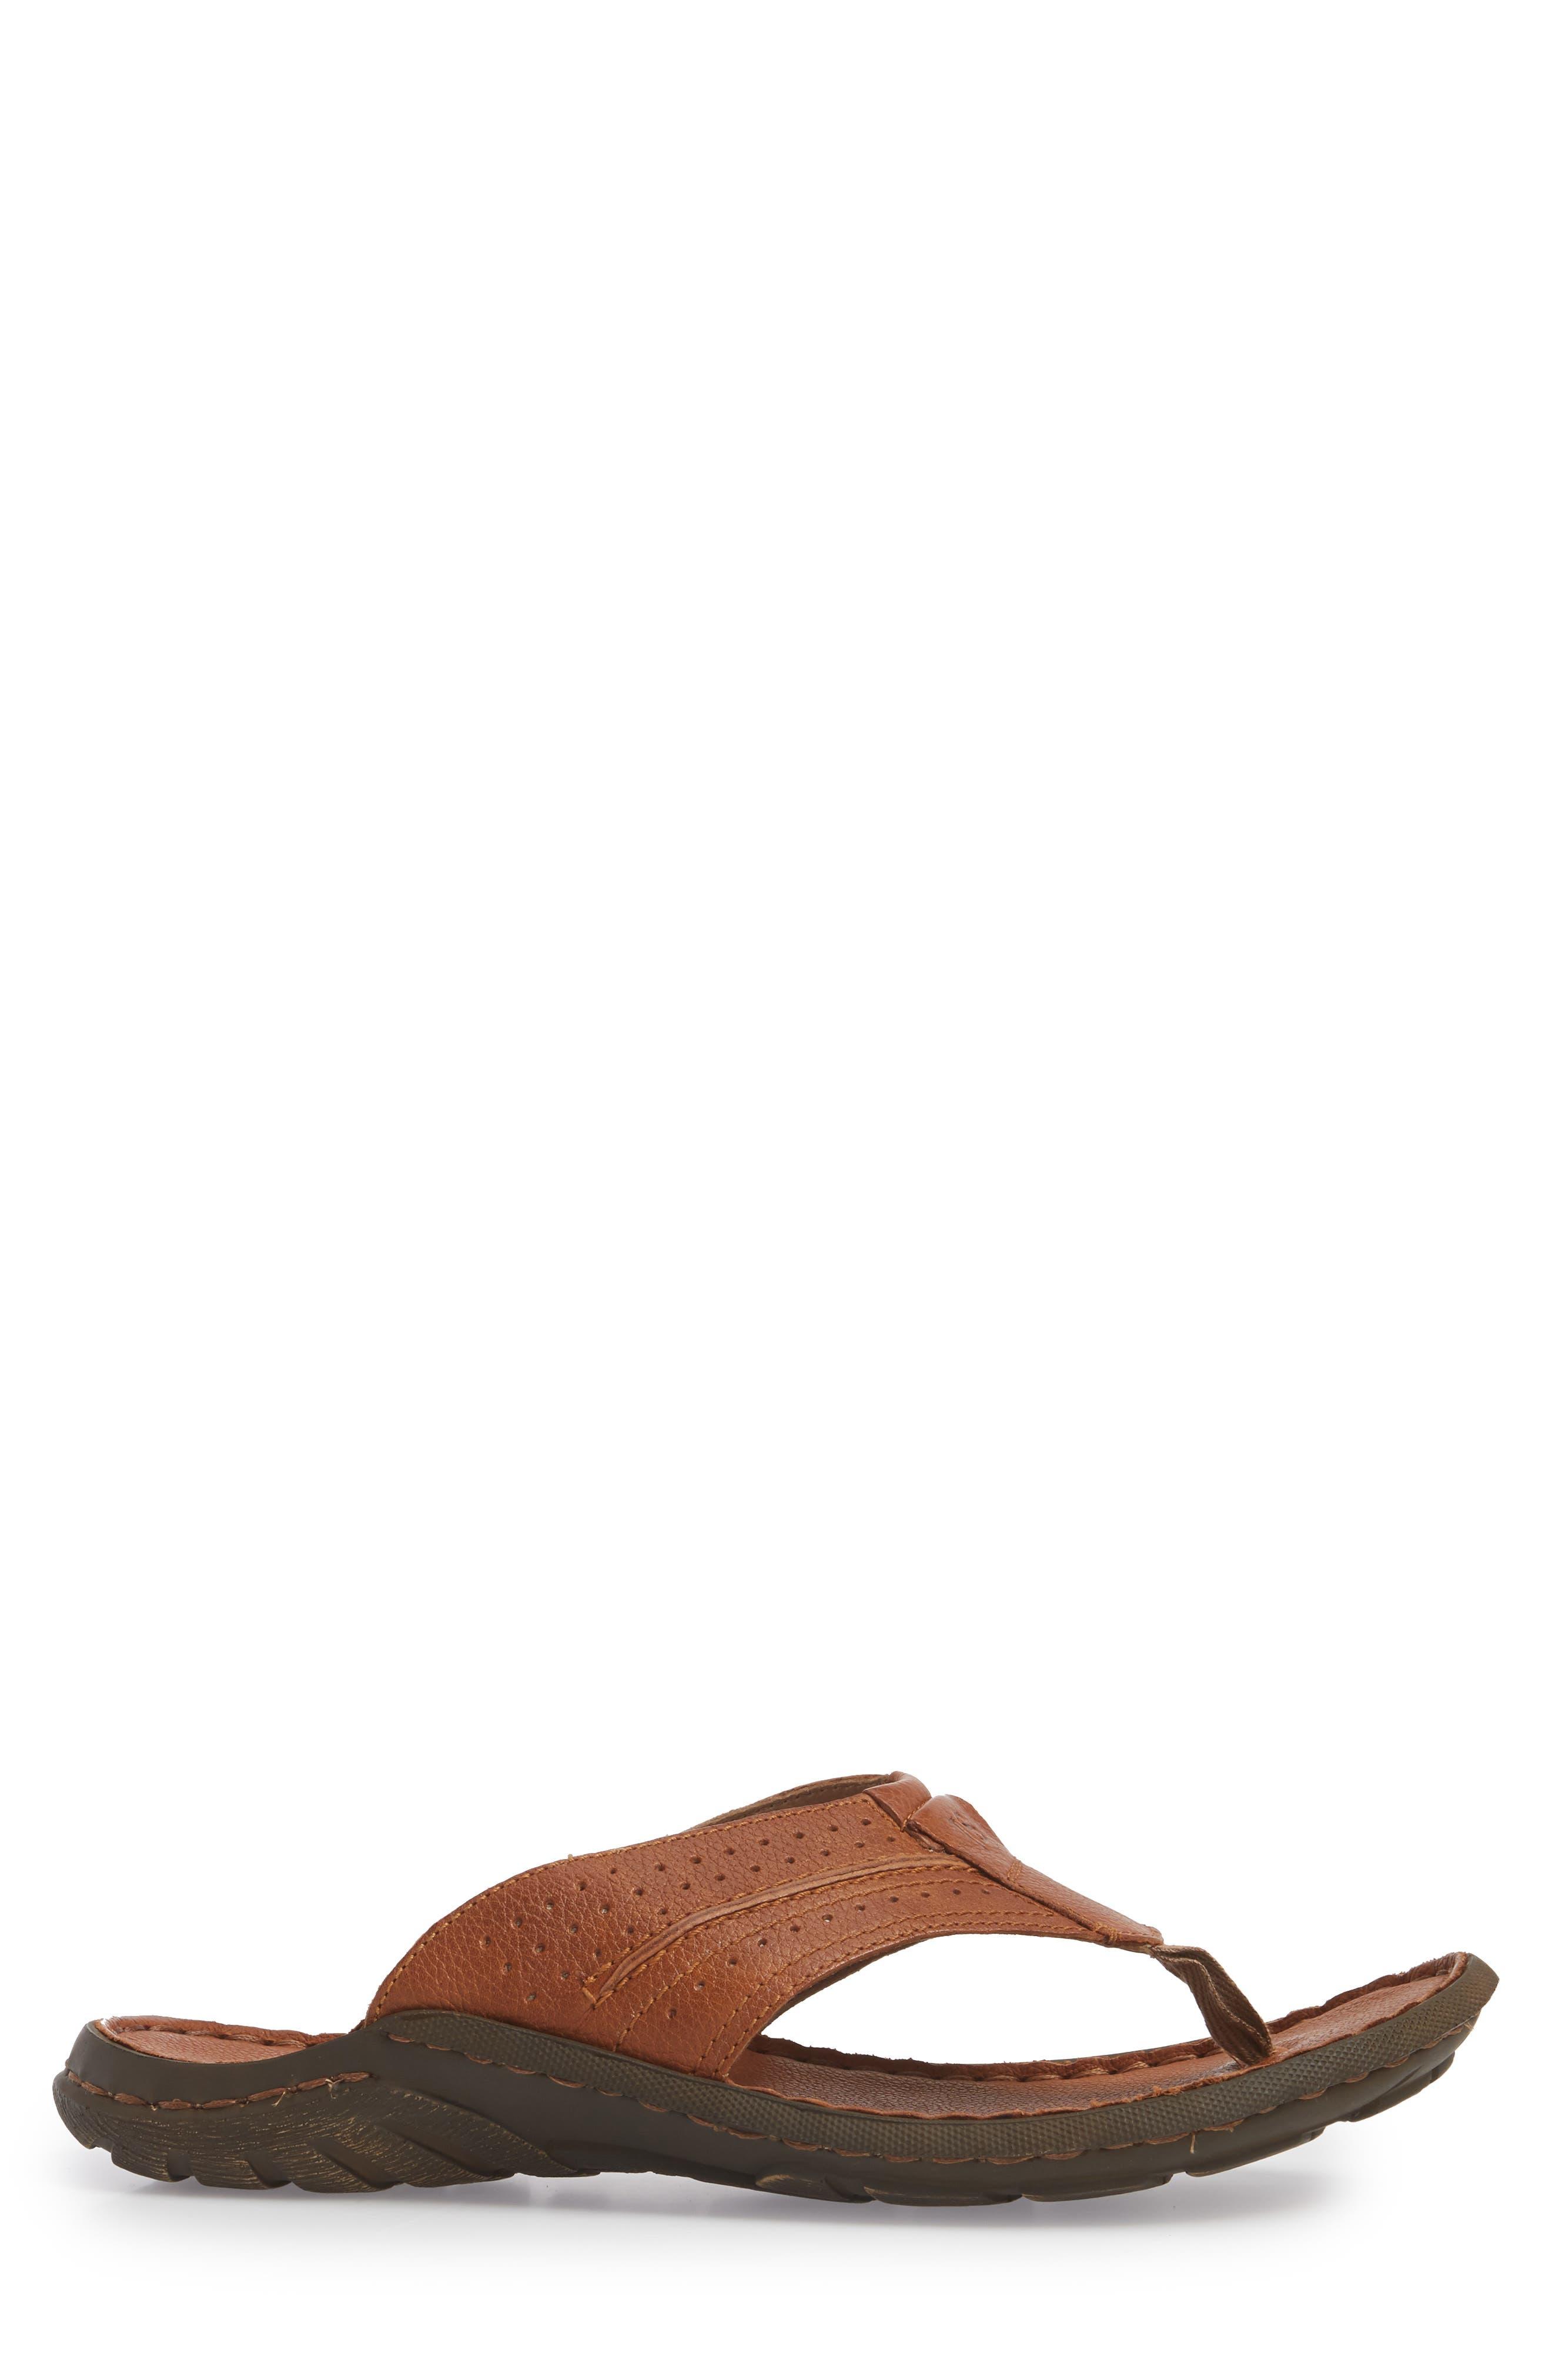 Logan Flip Flop,                             Alternate thumbnail 3, color,                             Brown Leather